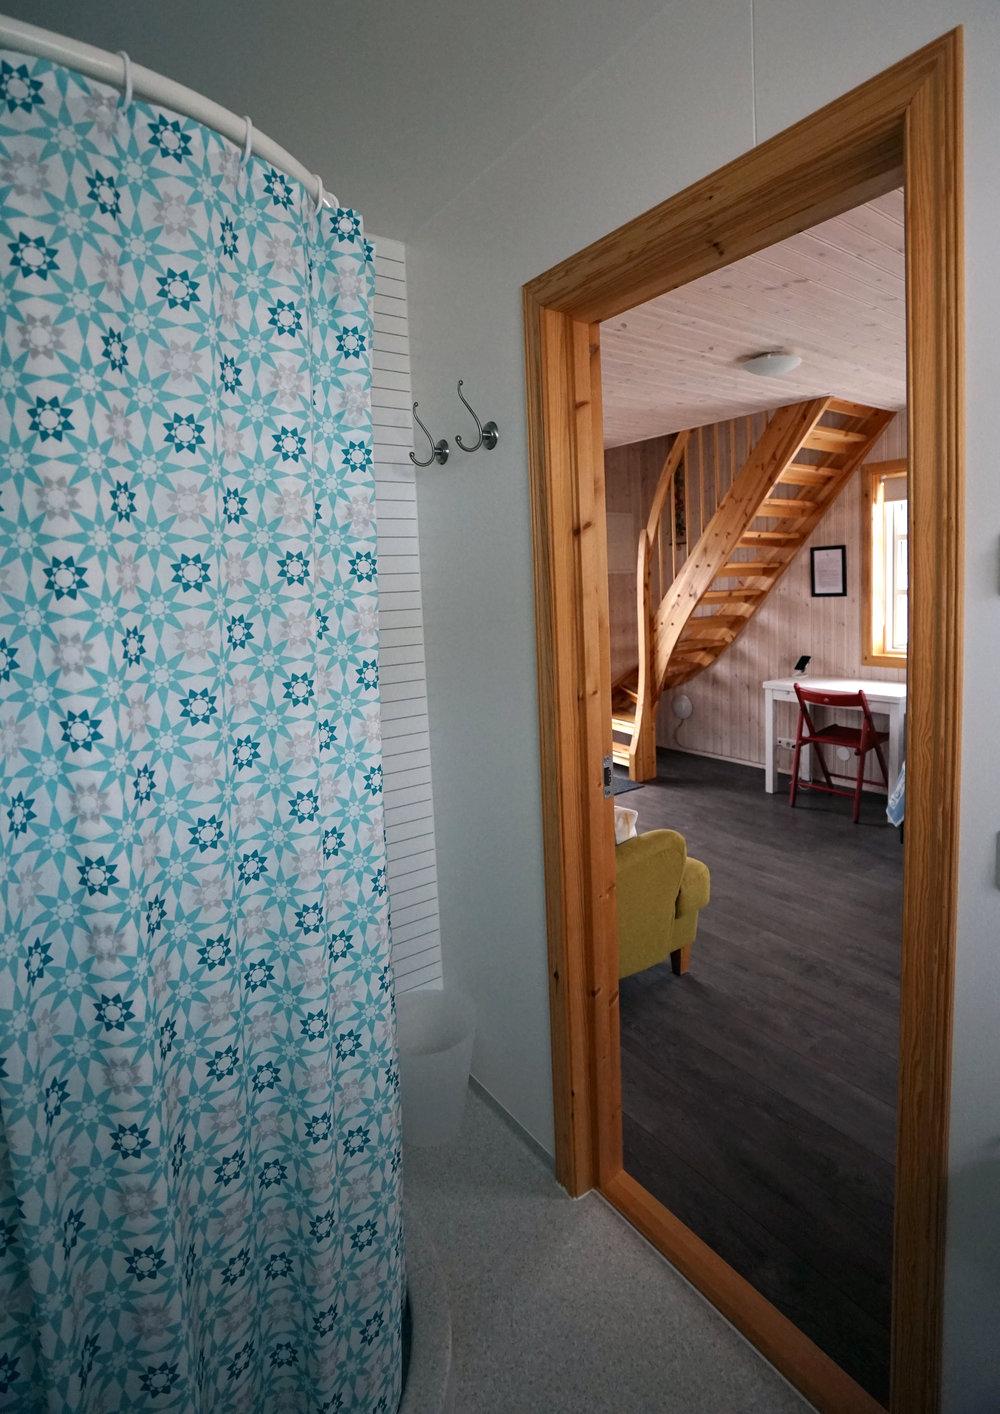 klængshóll-cabin-bathroom-02.jpg